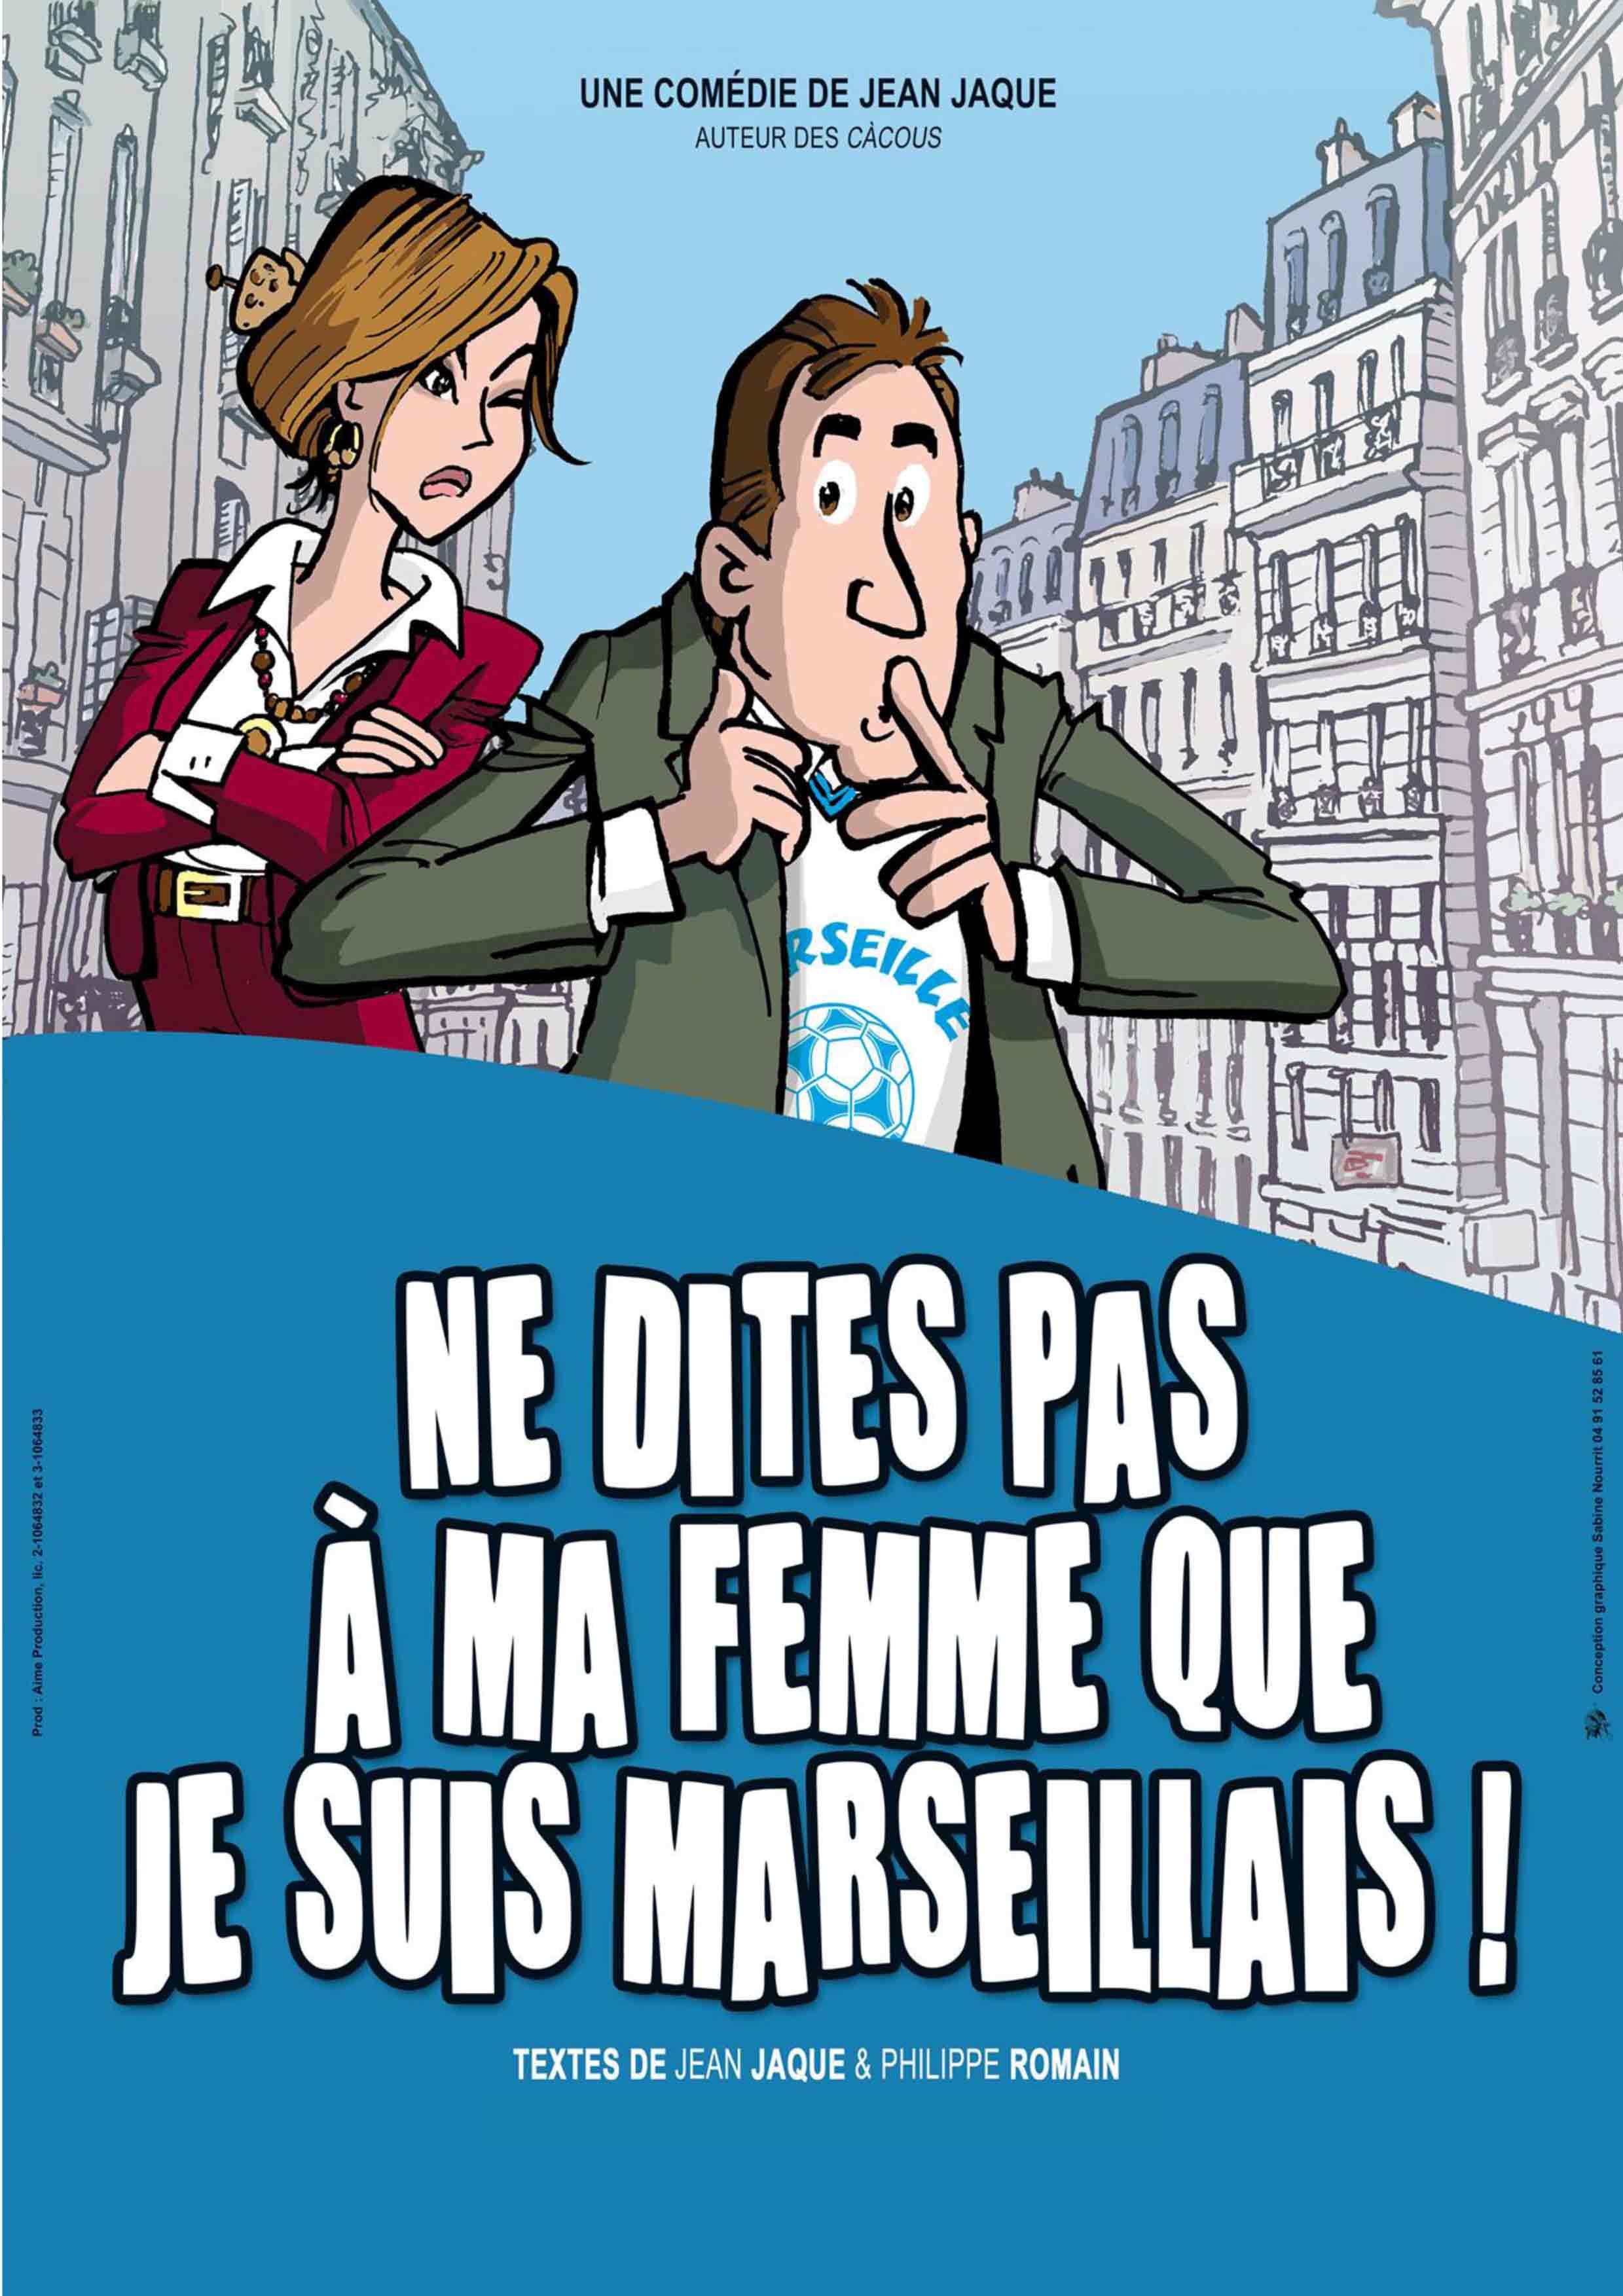 NE DITES PAS À MA FEMME... MARSEILLAIS  HYÈRES LES PALMIERS